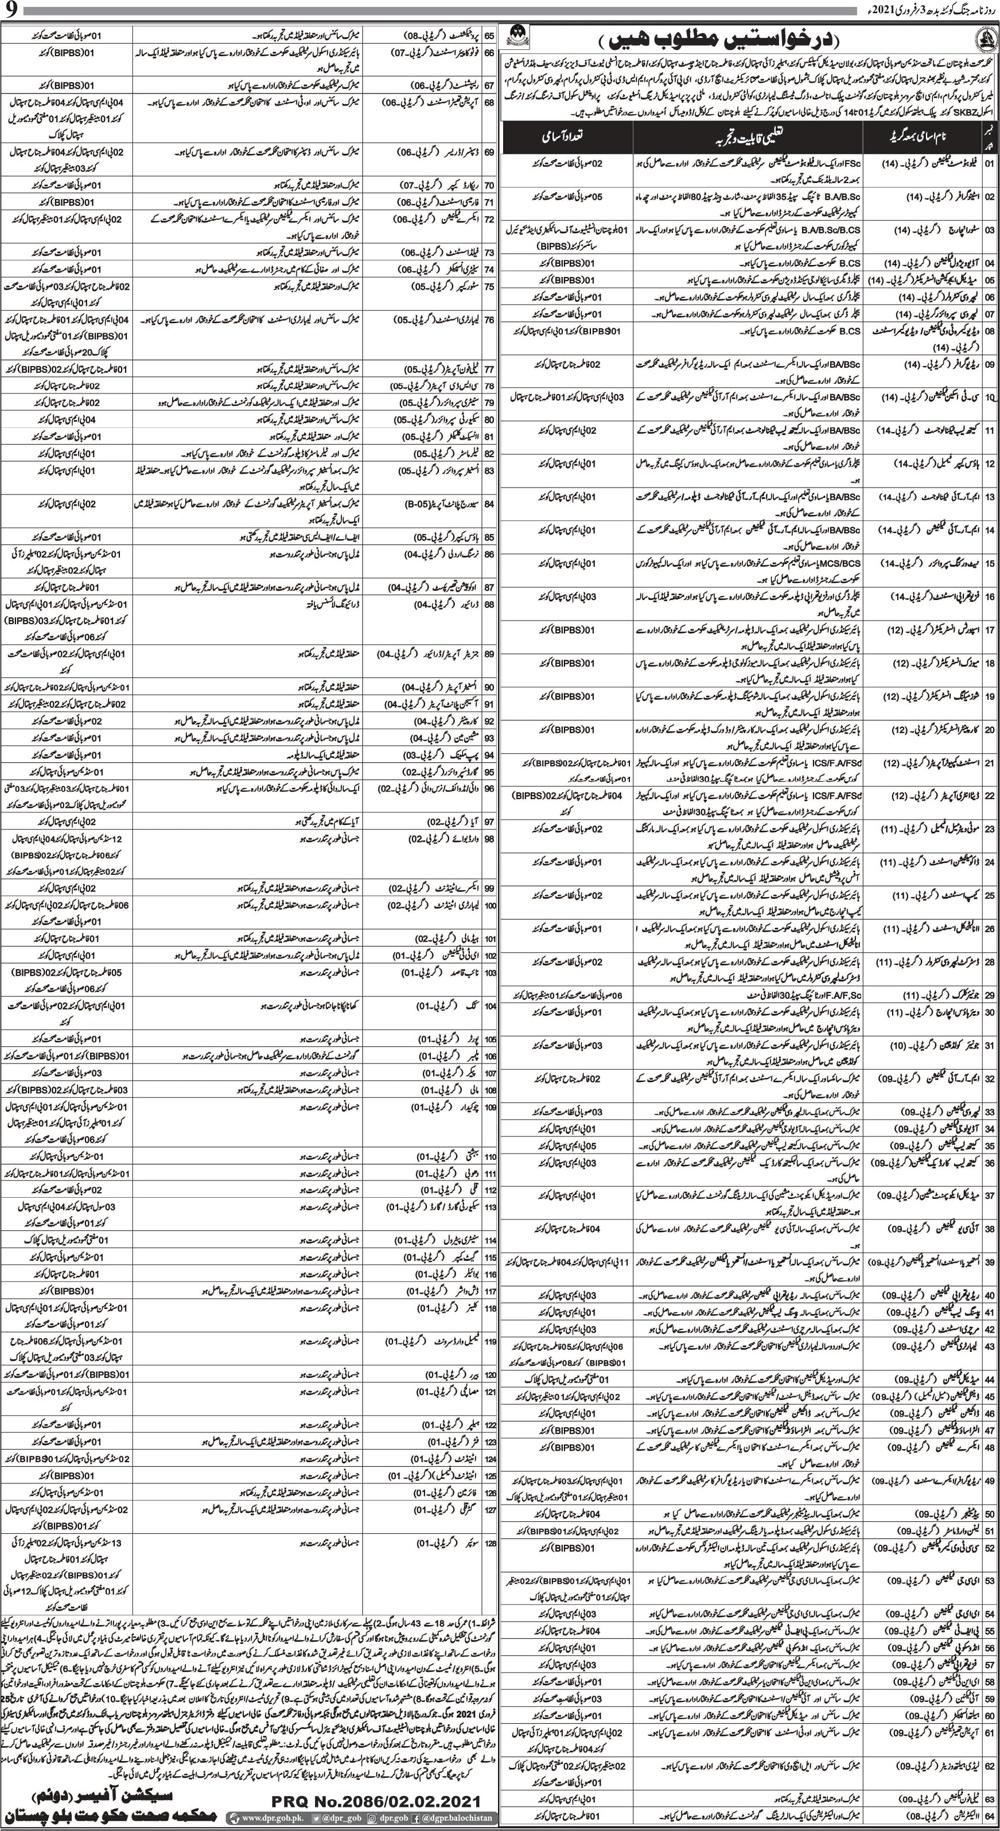 Balochistan Health Department Jobs 2021 Test Date Interview Schedule